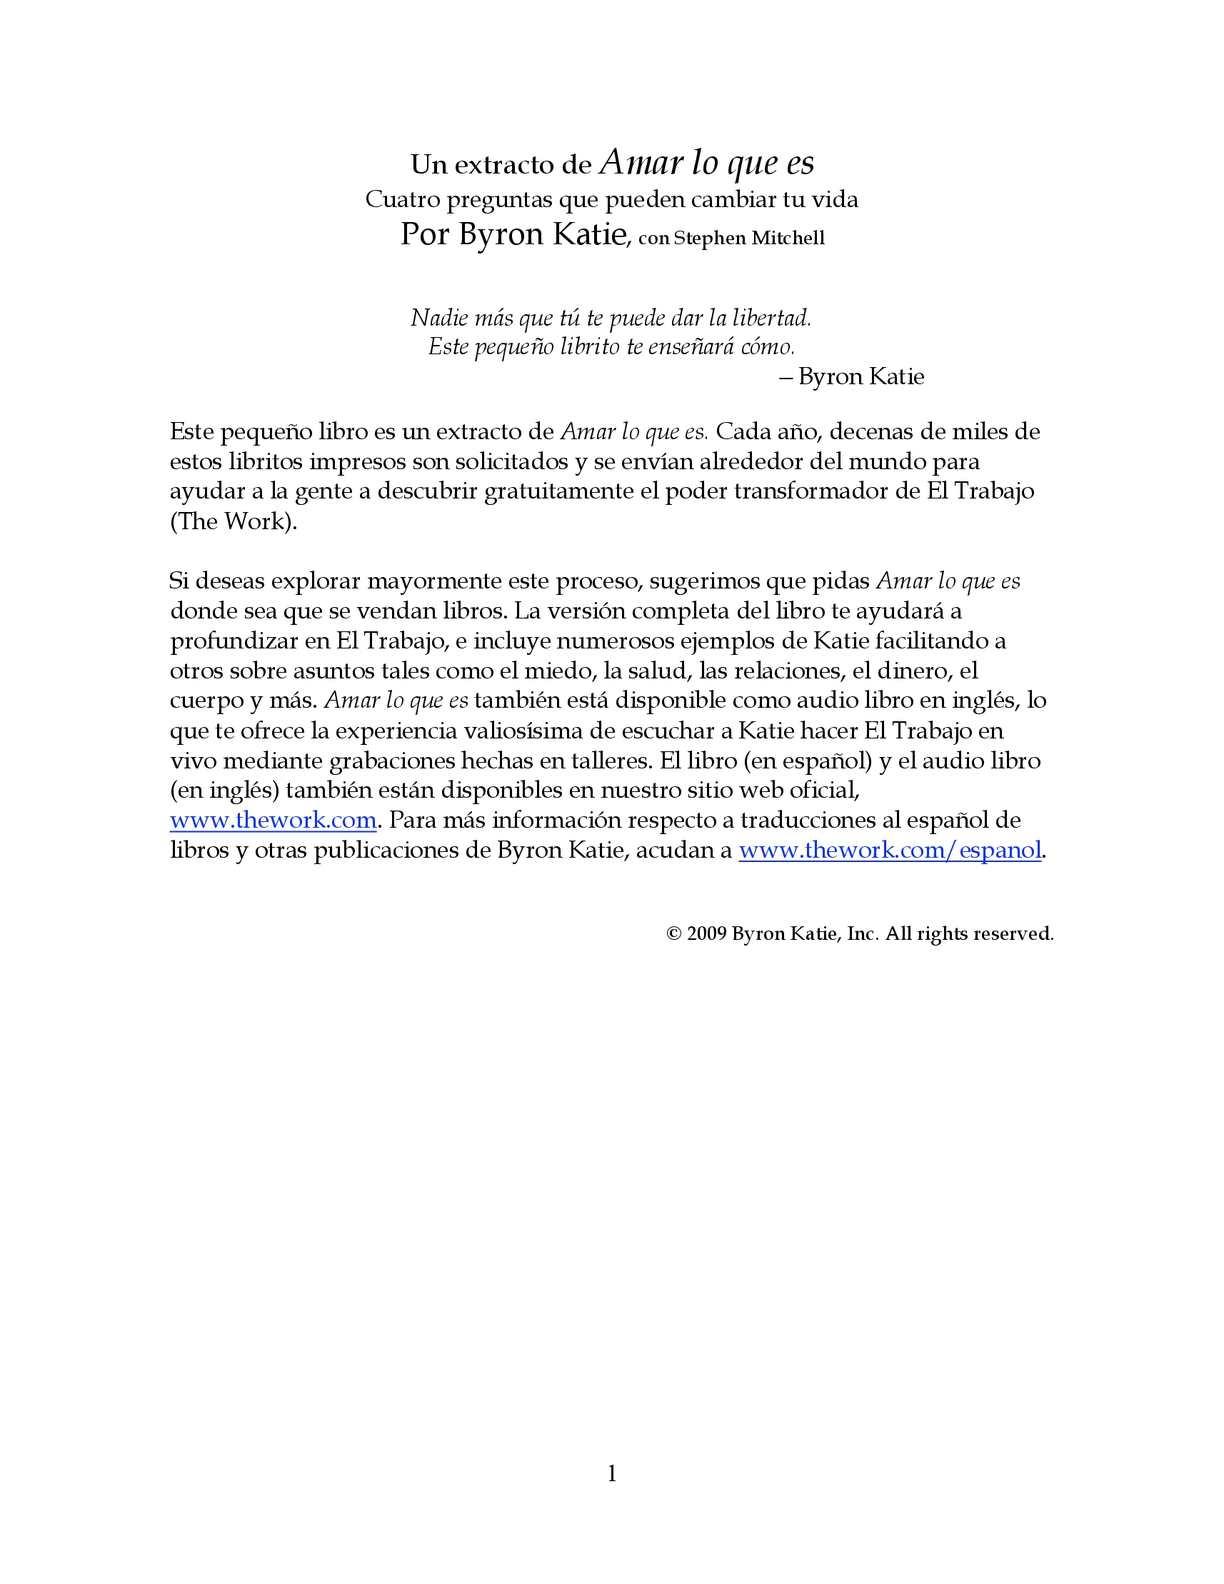 Excepcional Byron Katie 4 Preguntas Hoja De Trabajo Composición ...